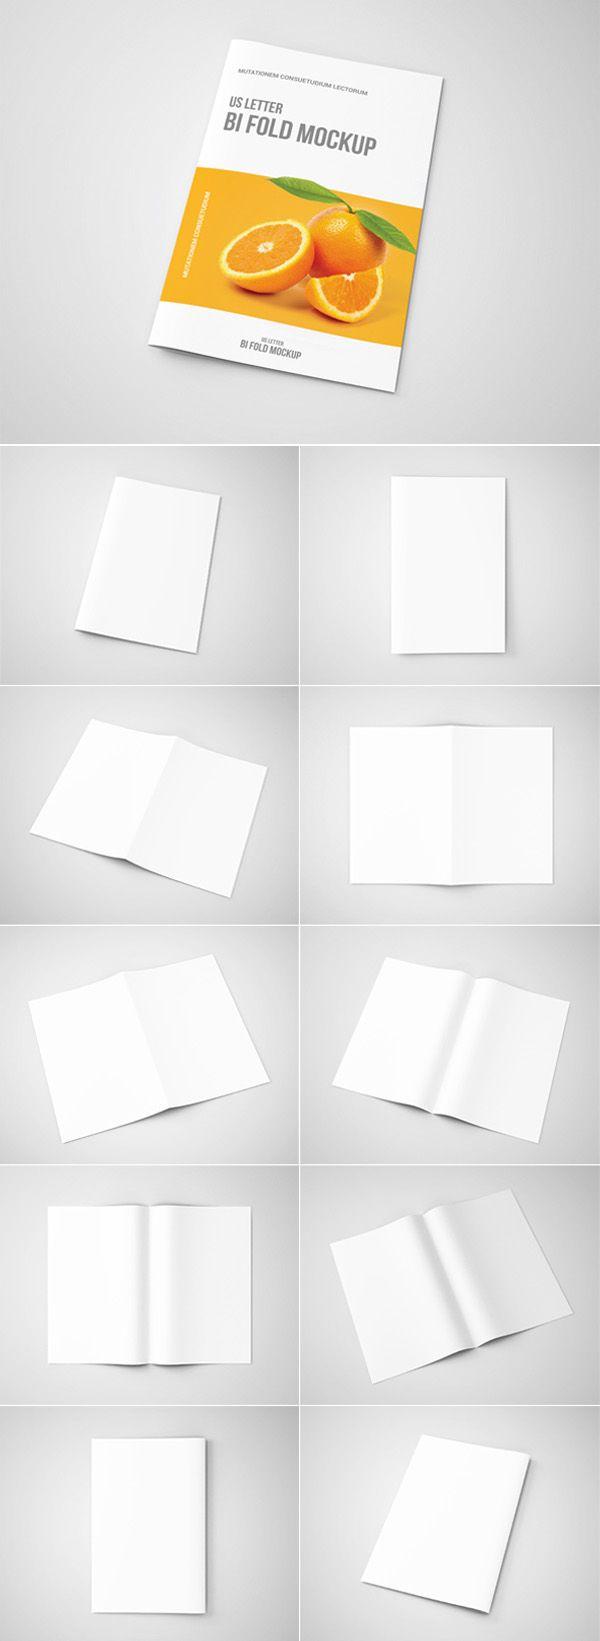 brochure mockup template - bi fold brochure mock up us letter psd mockups product